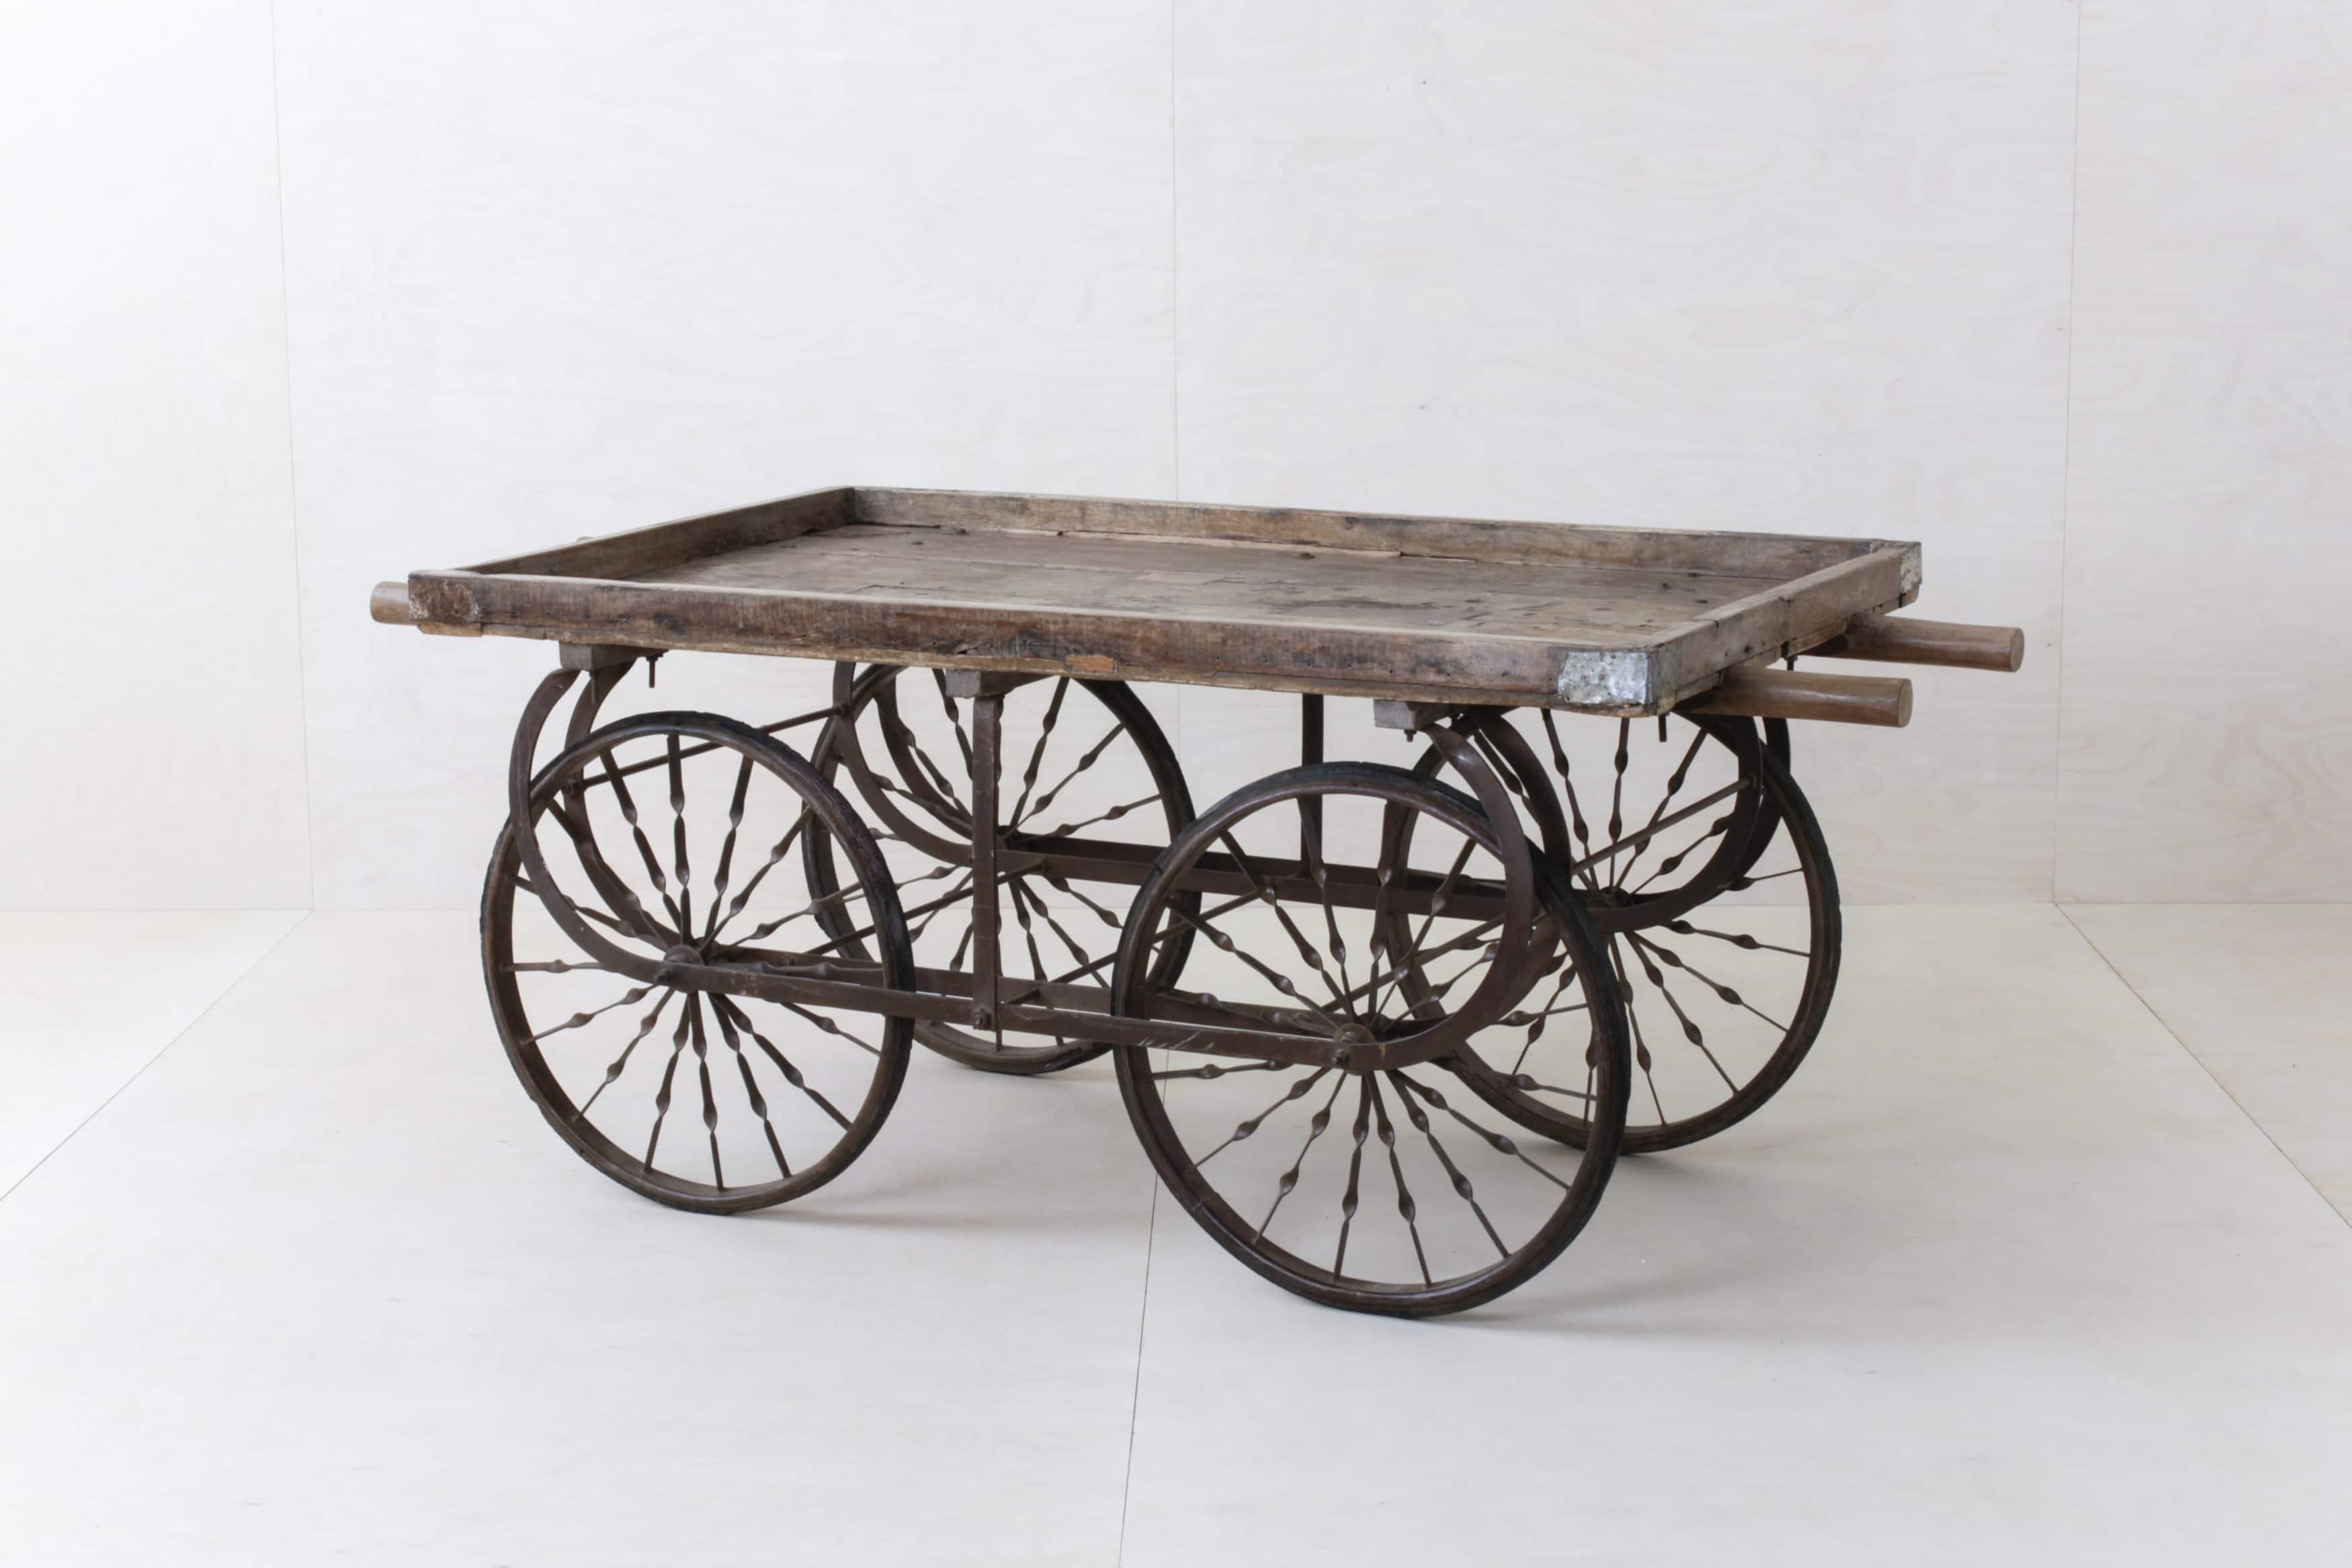 Holzhandwagen für Hochzeitsdekoration.